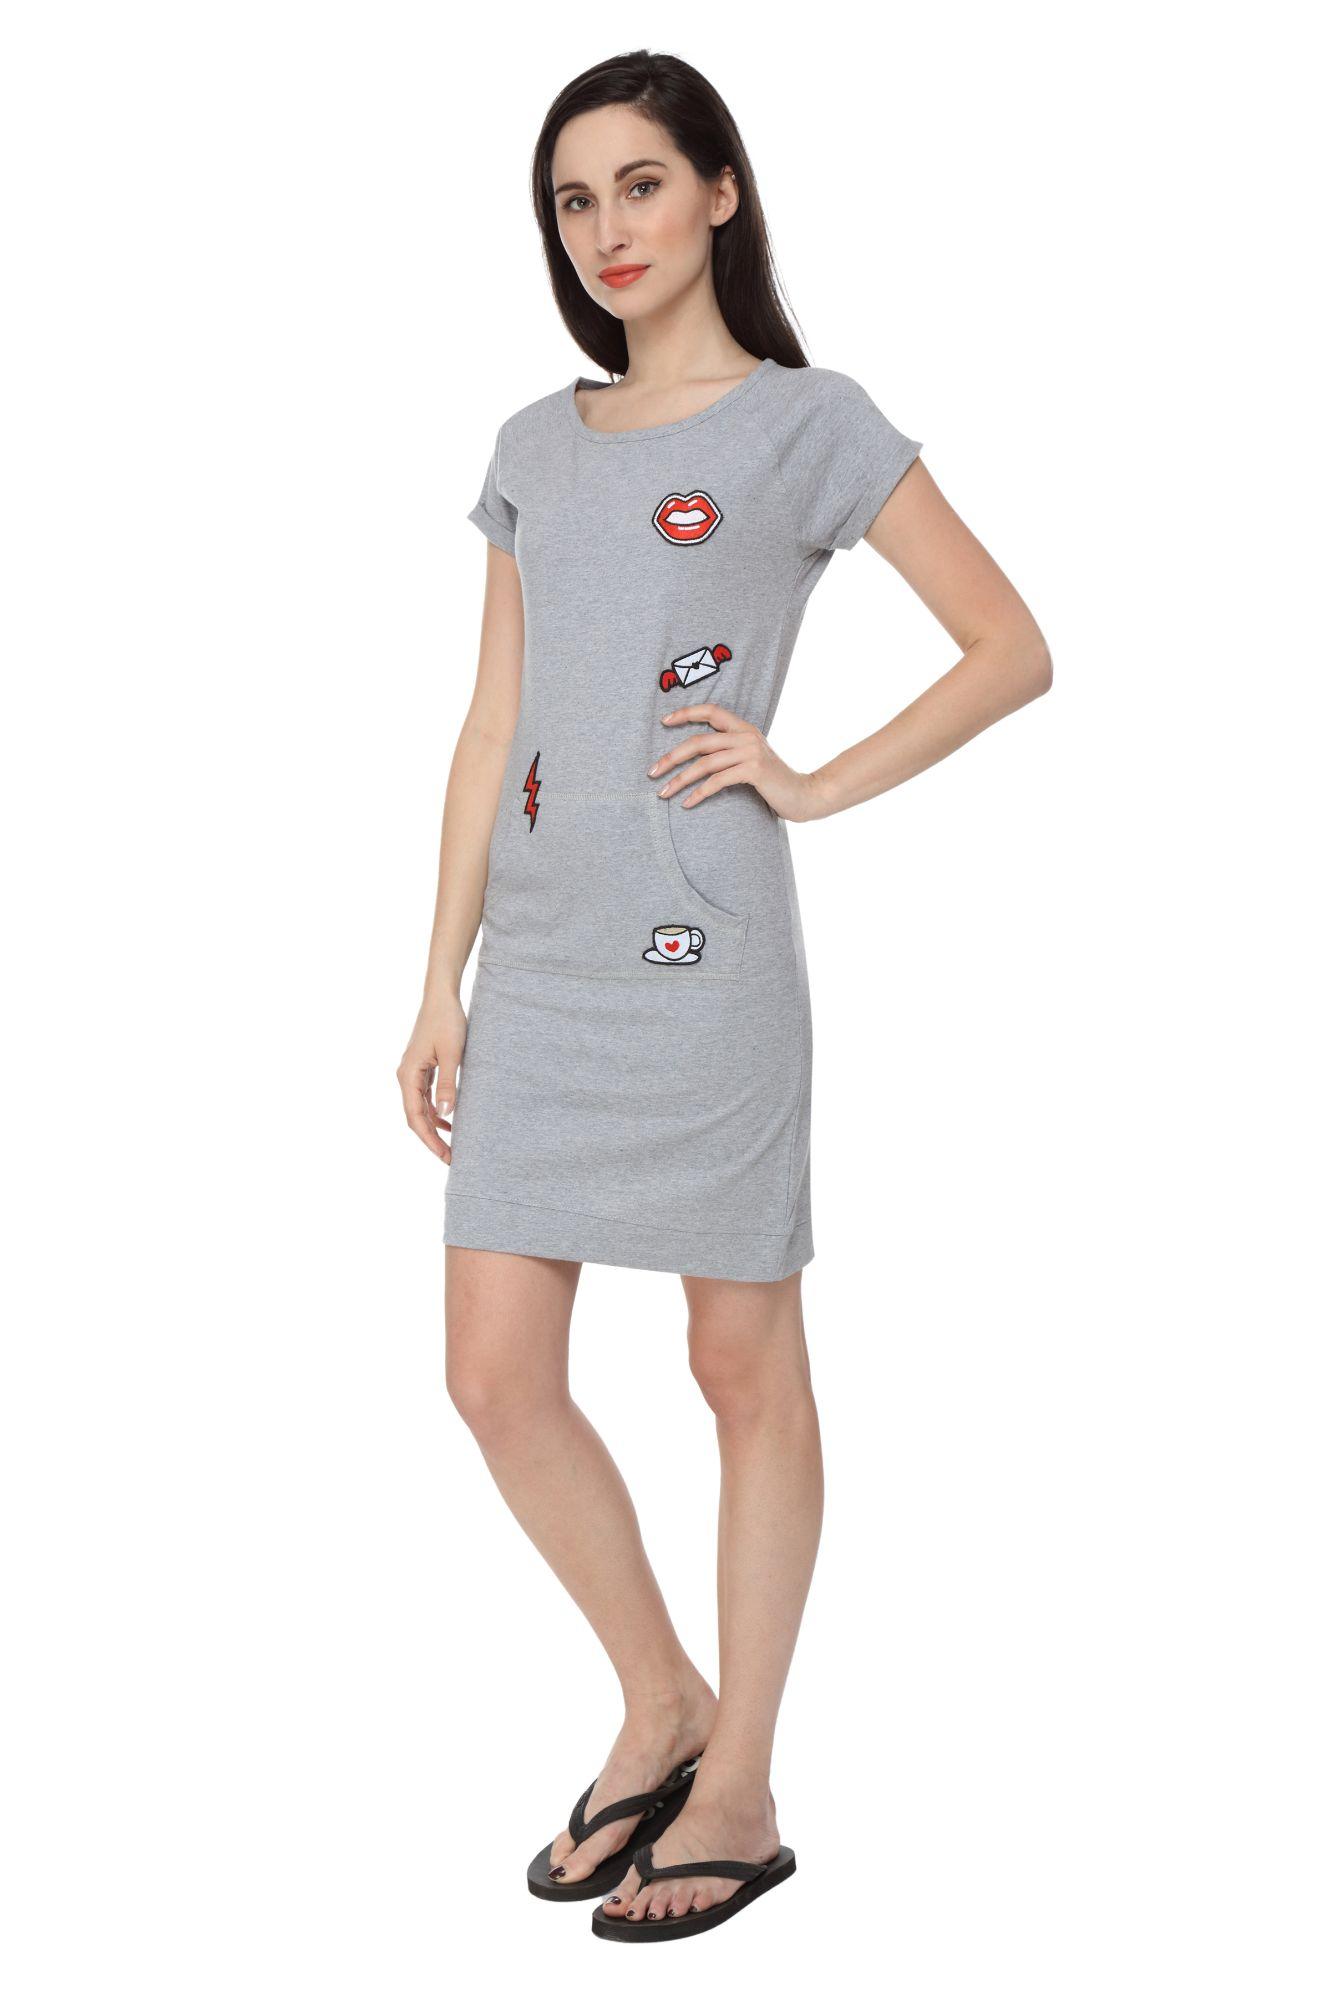 Slumber Jill Women Applique Grey Sleepshirt